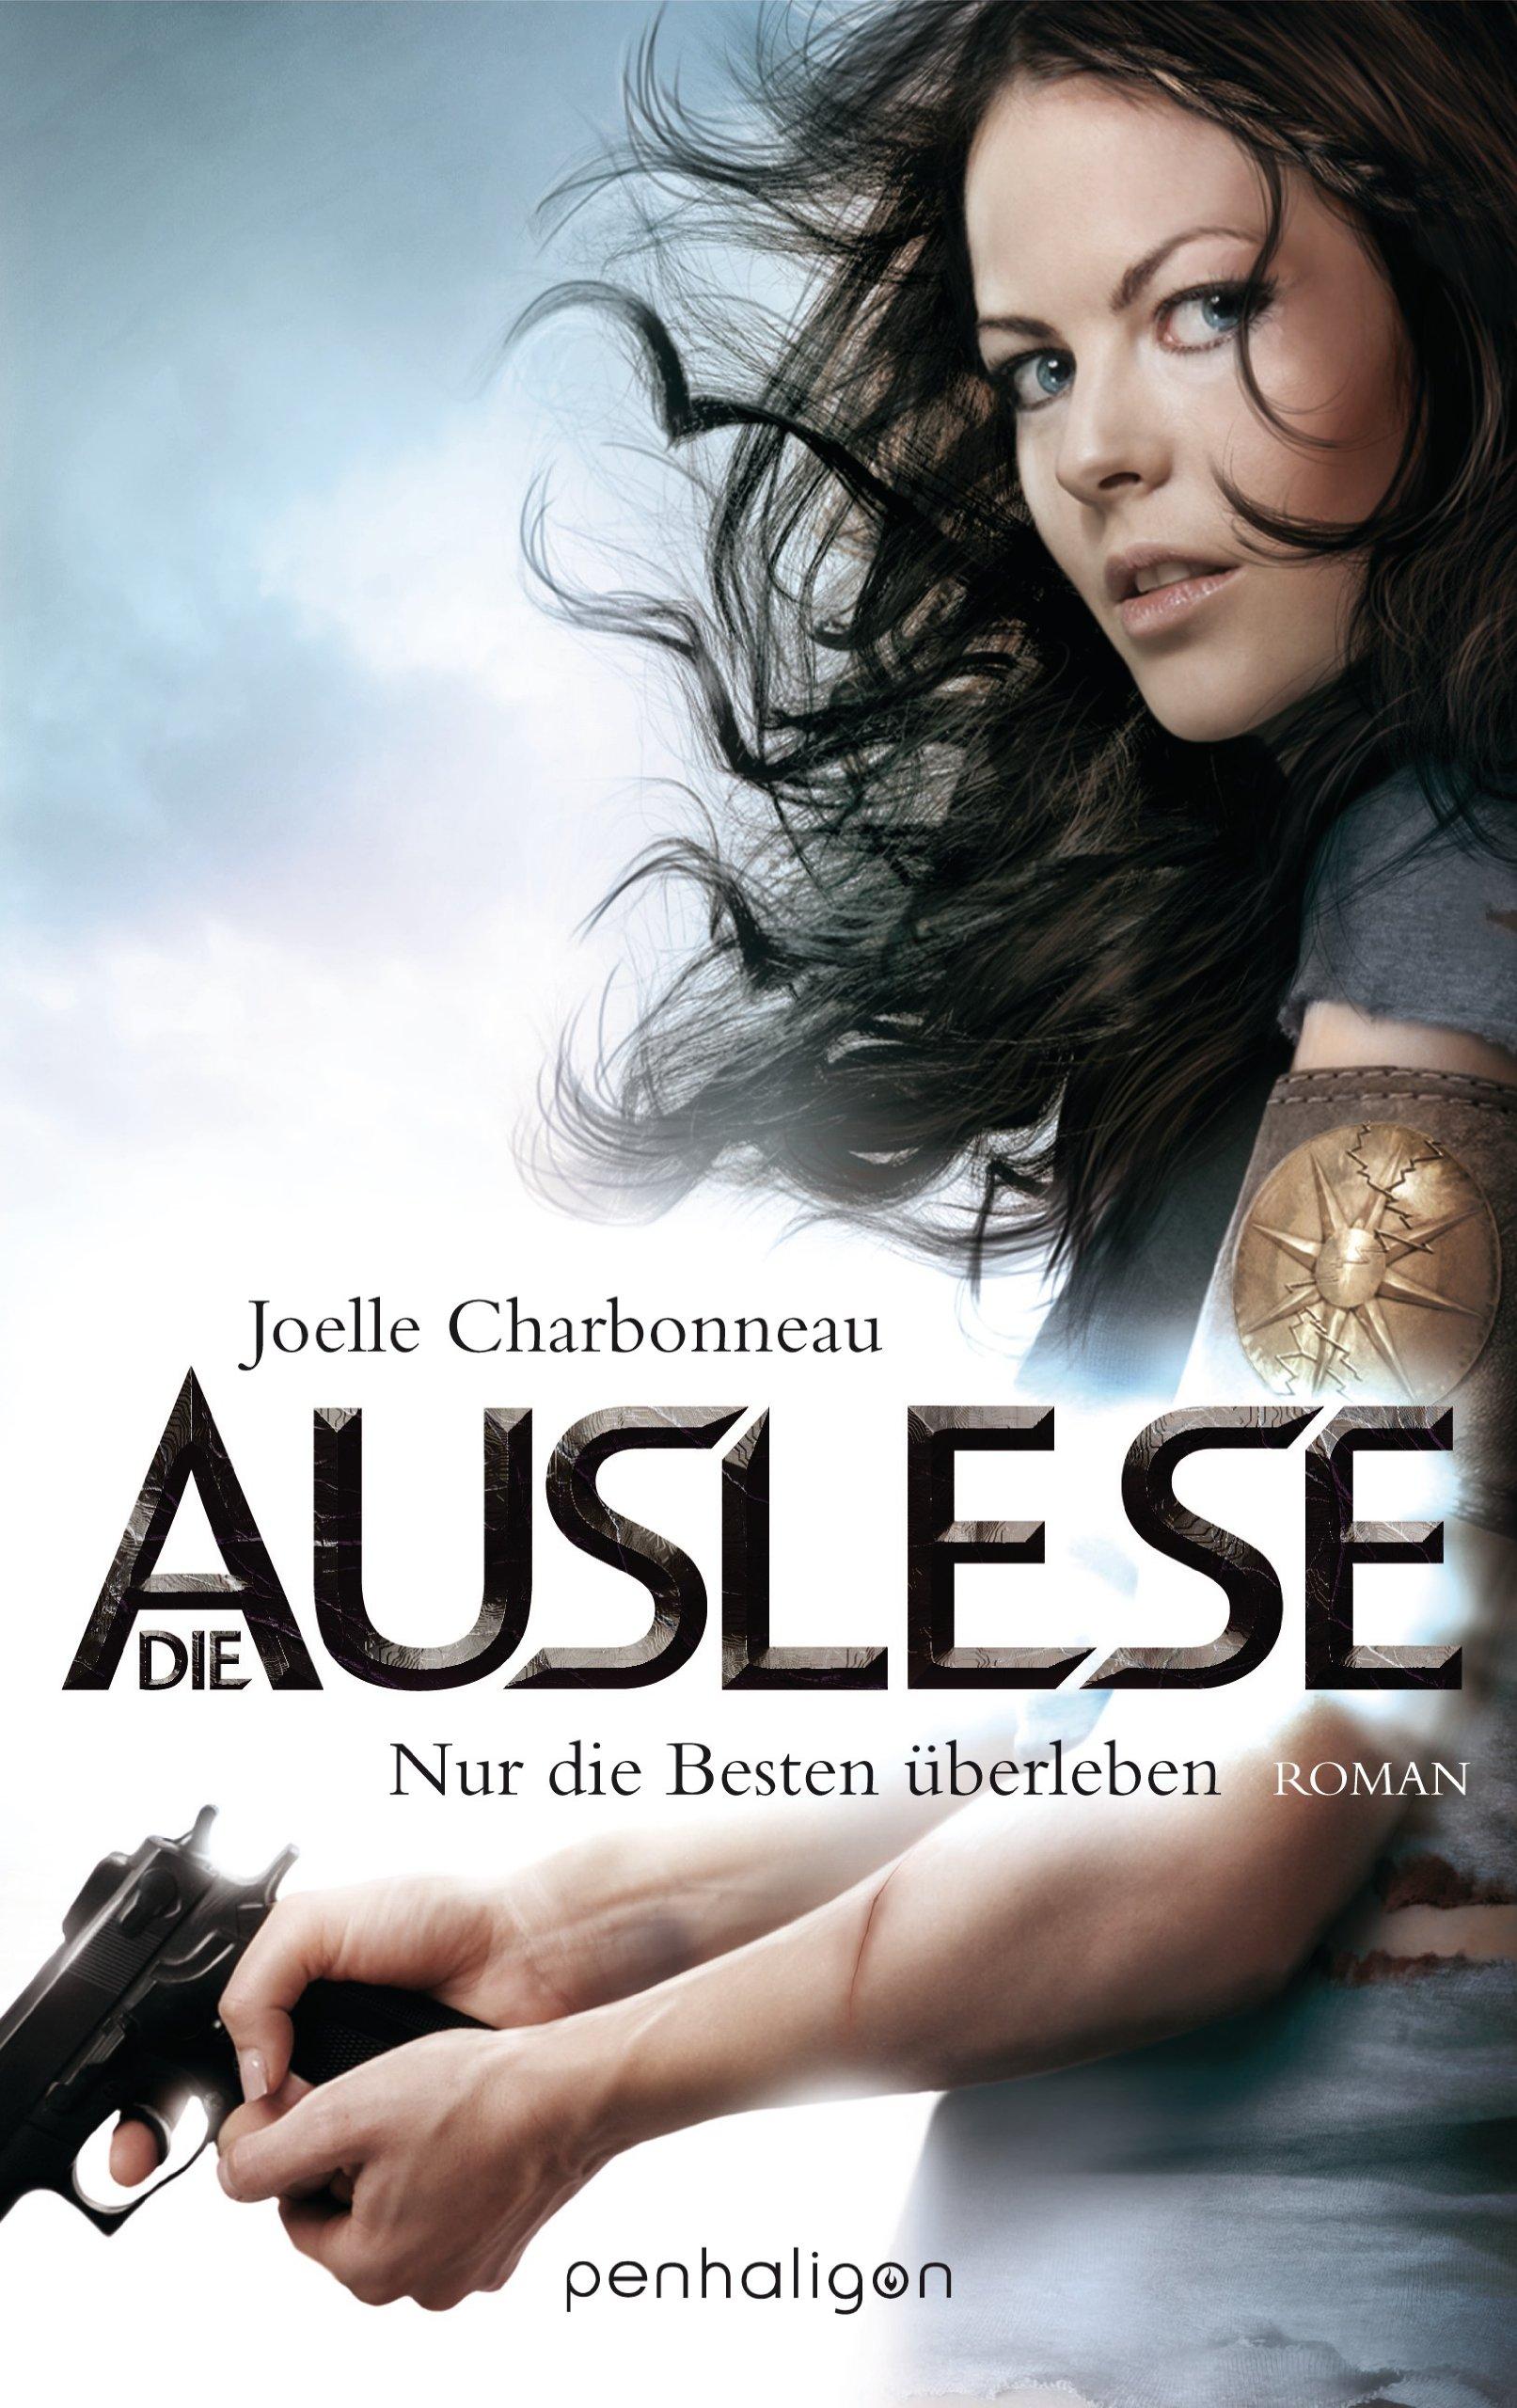 http://www.amazon.de/Die-Auslese-Besten-%C3%BCberleben-Roman/dp/3764531177/ref=sr_1_2_twi_1_har?s=books&ie=UTF8&qid=1437932514&sr=1-2